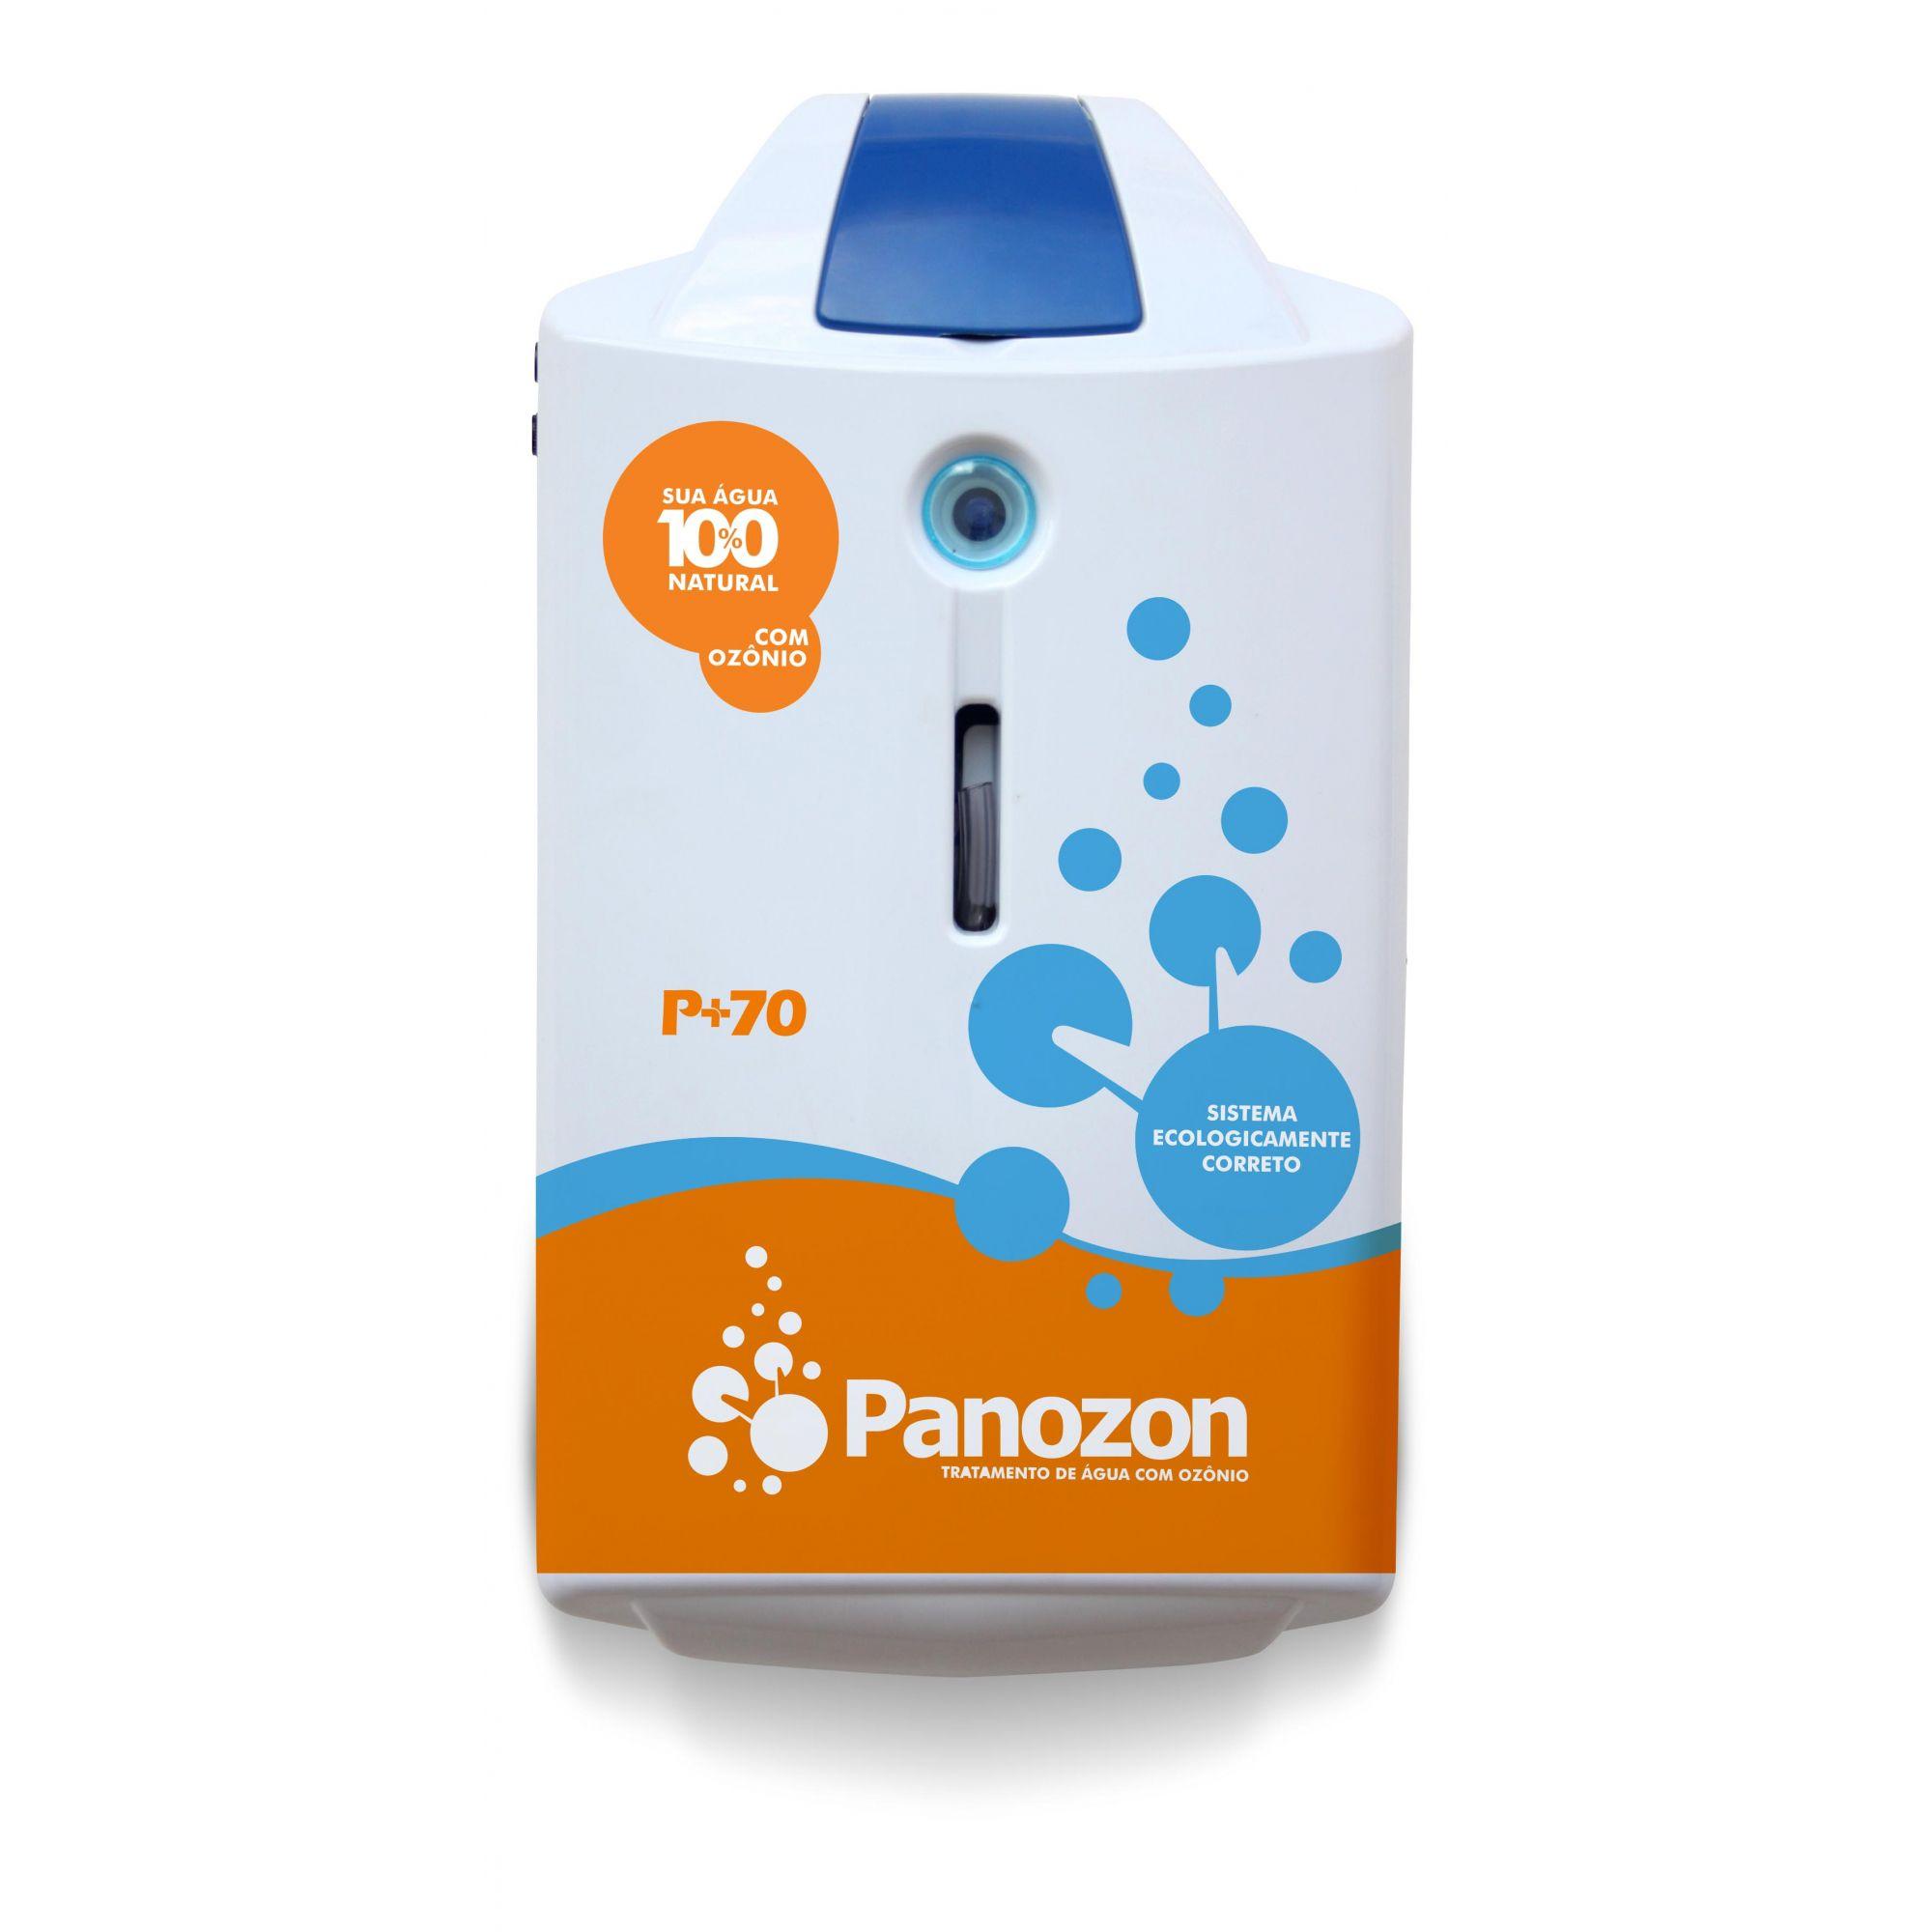 Ozônio - Panozon P+70 para Piscinas de até 70 mil litros